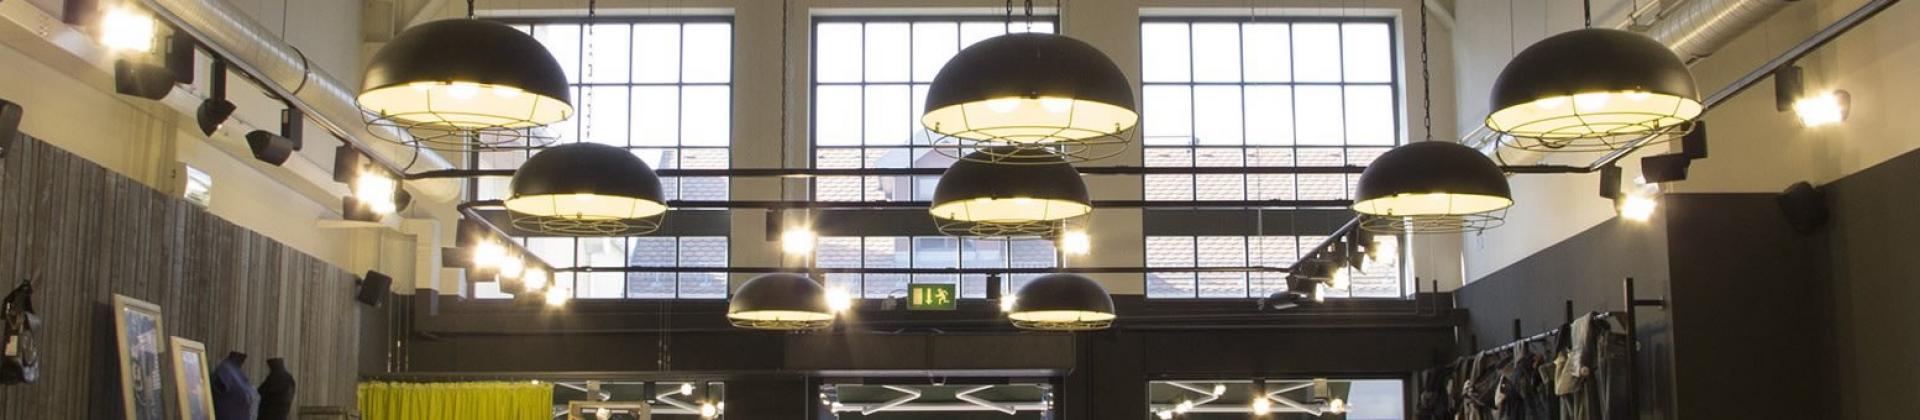 Ilutrac Ilumisa - Lámparas de diseño